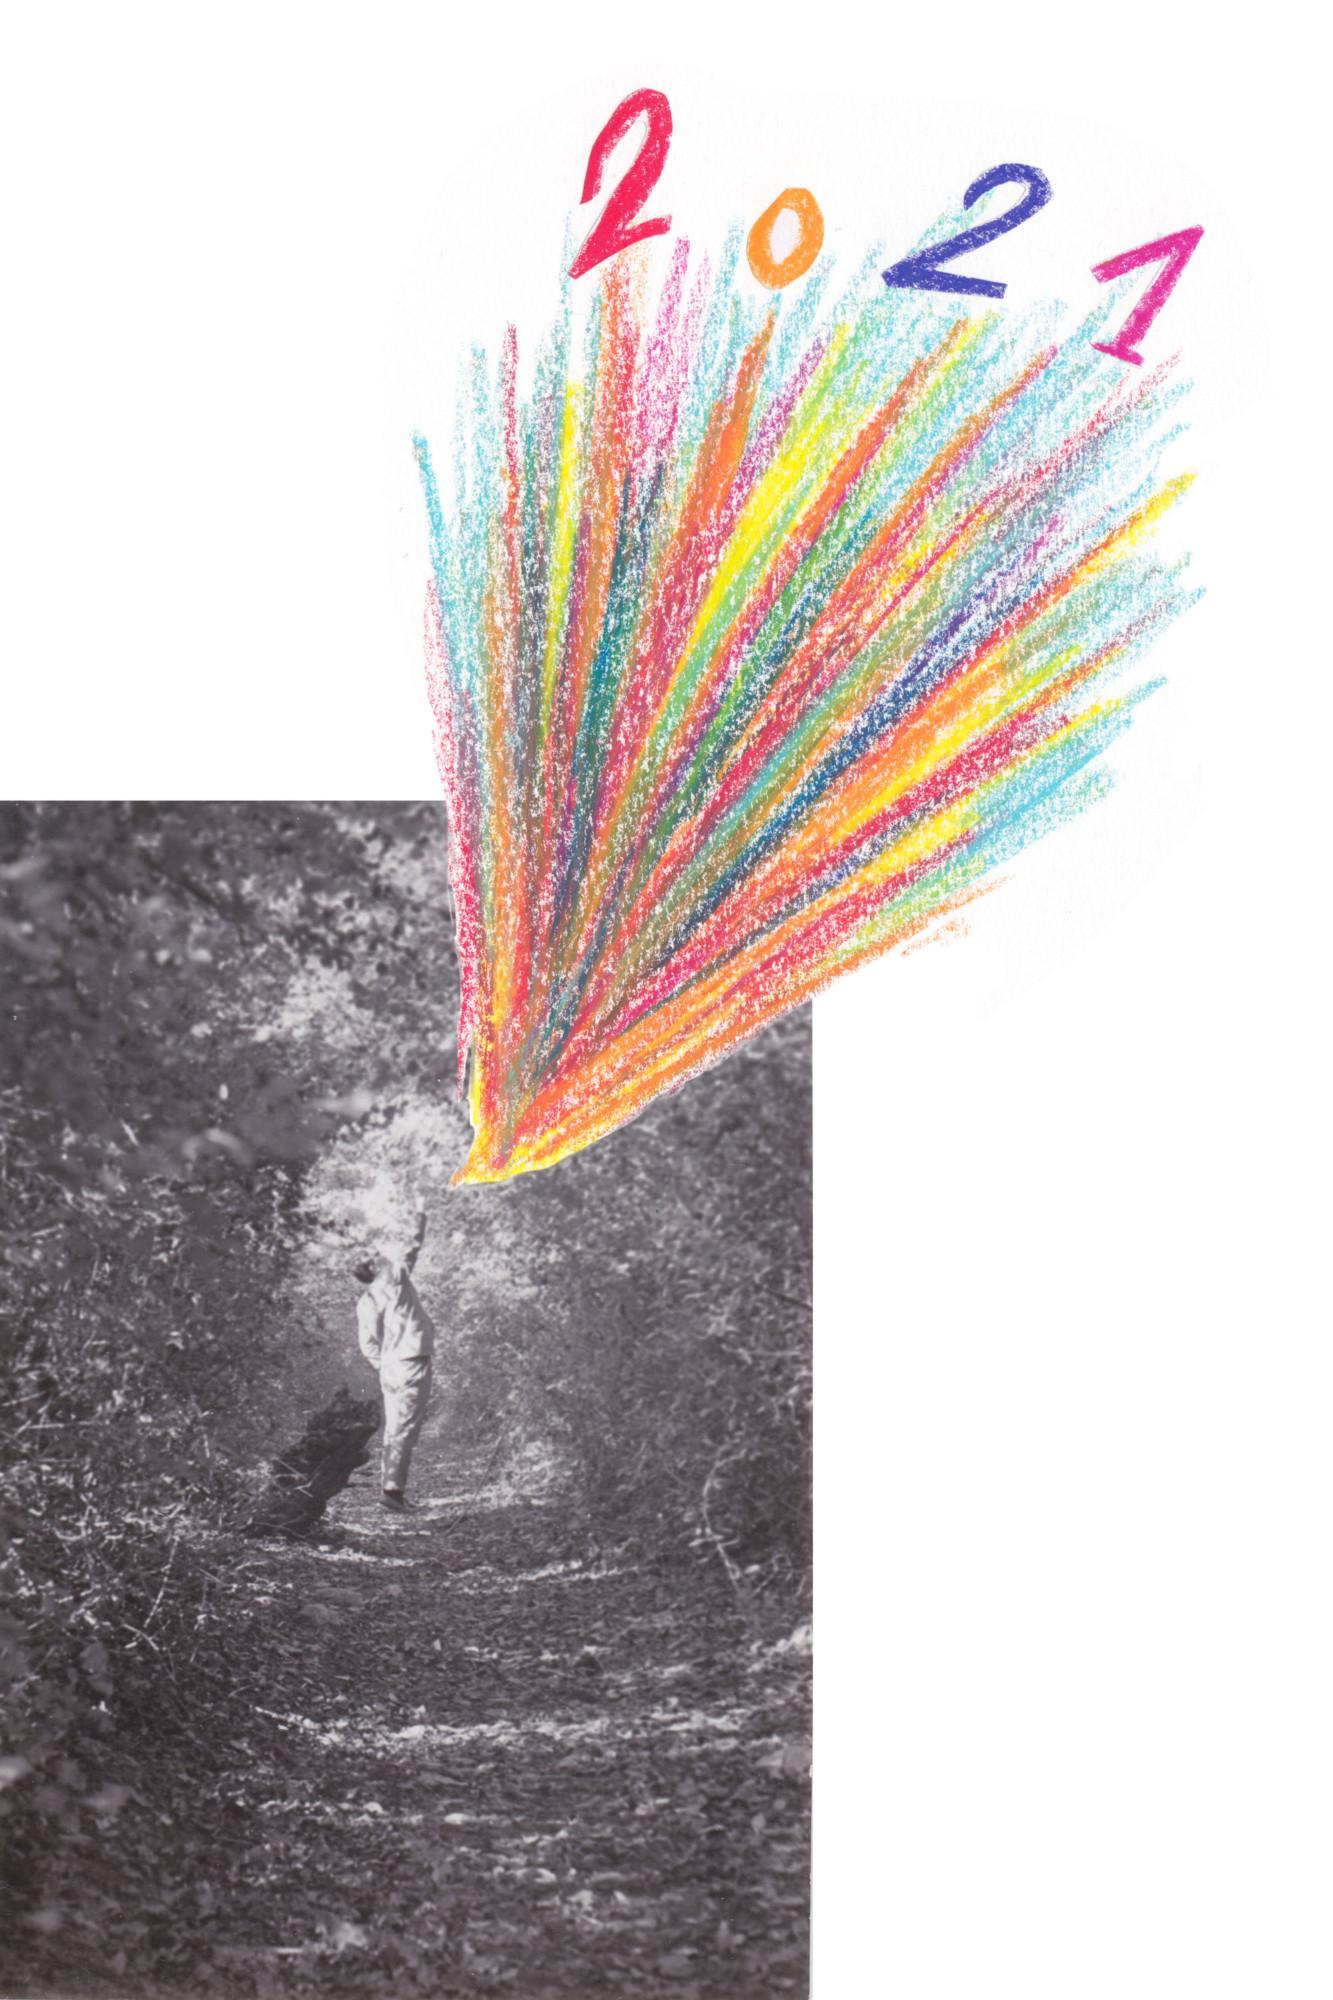 Homme qui transforme le paysage d'un geste - Collage dessin sur photographie noir et blanc de Céline Dominiak